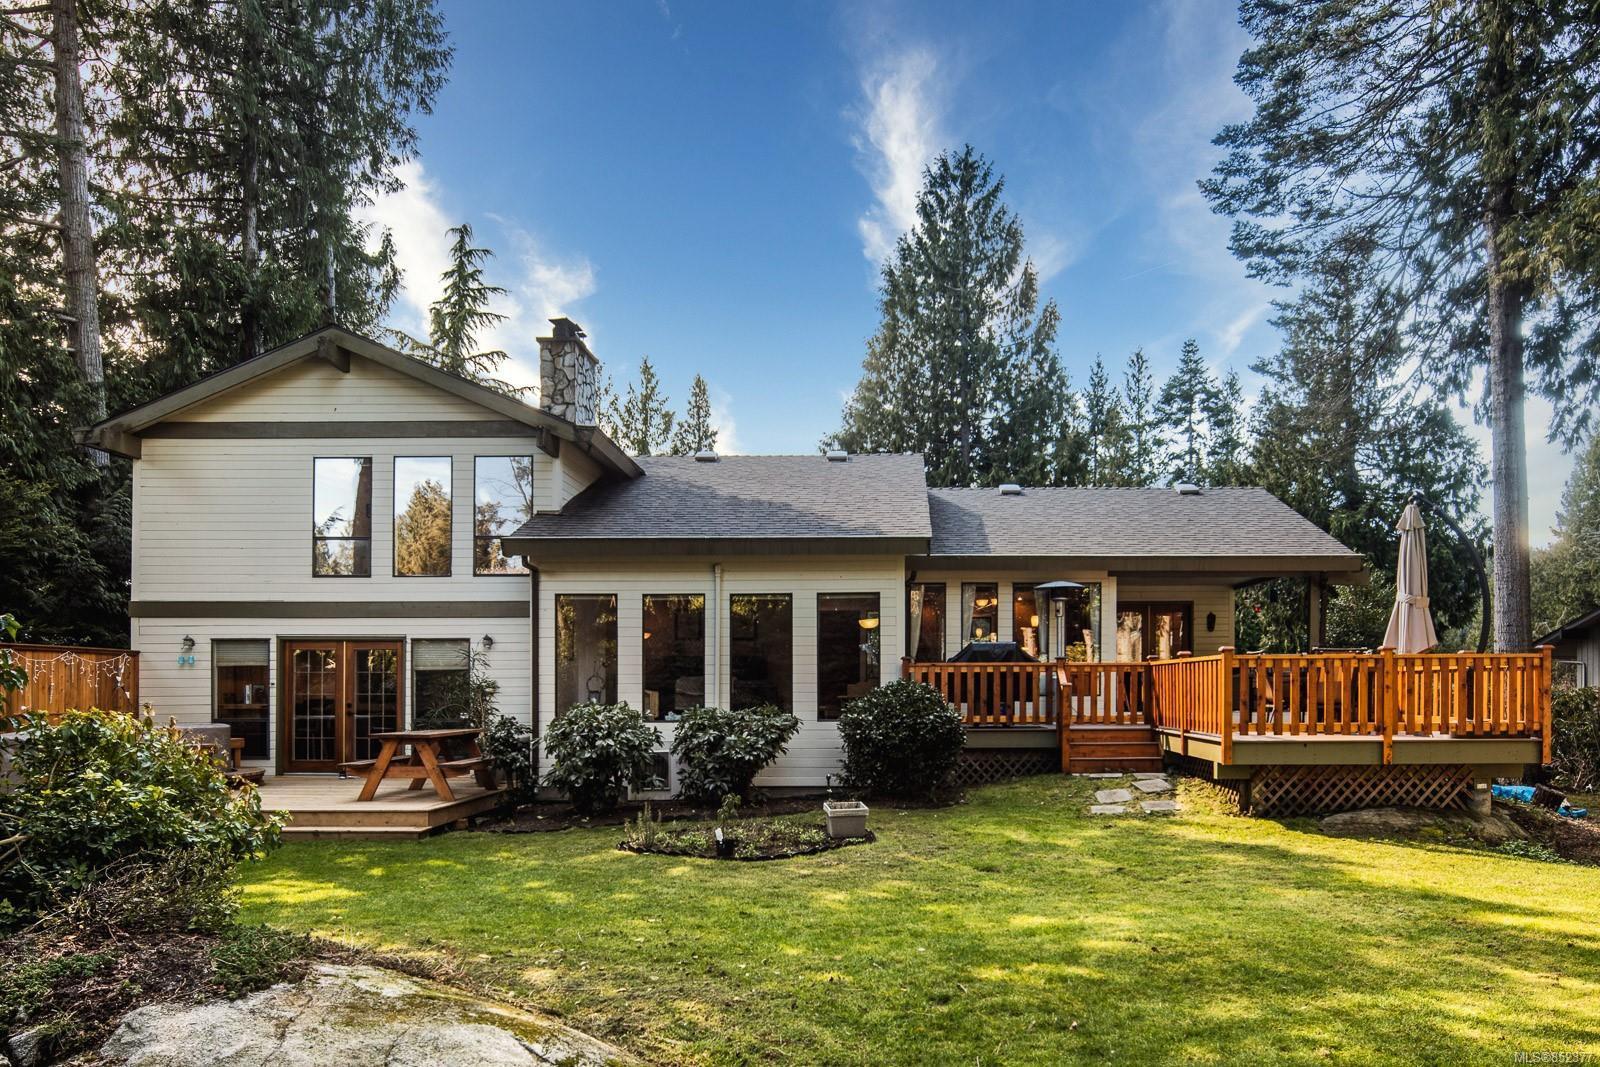 Main Photo: 1674 Stuart Park Terr in : NS Dean Park House for sale (North Saanich)  : MLS®# 852377